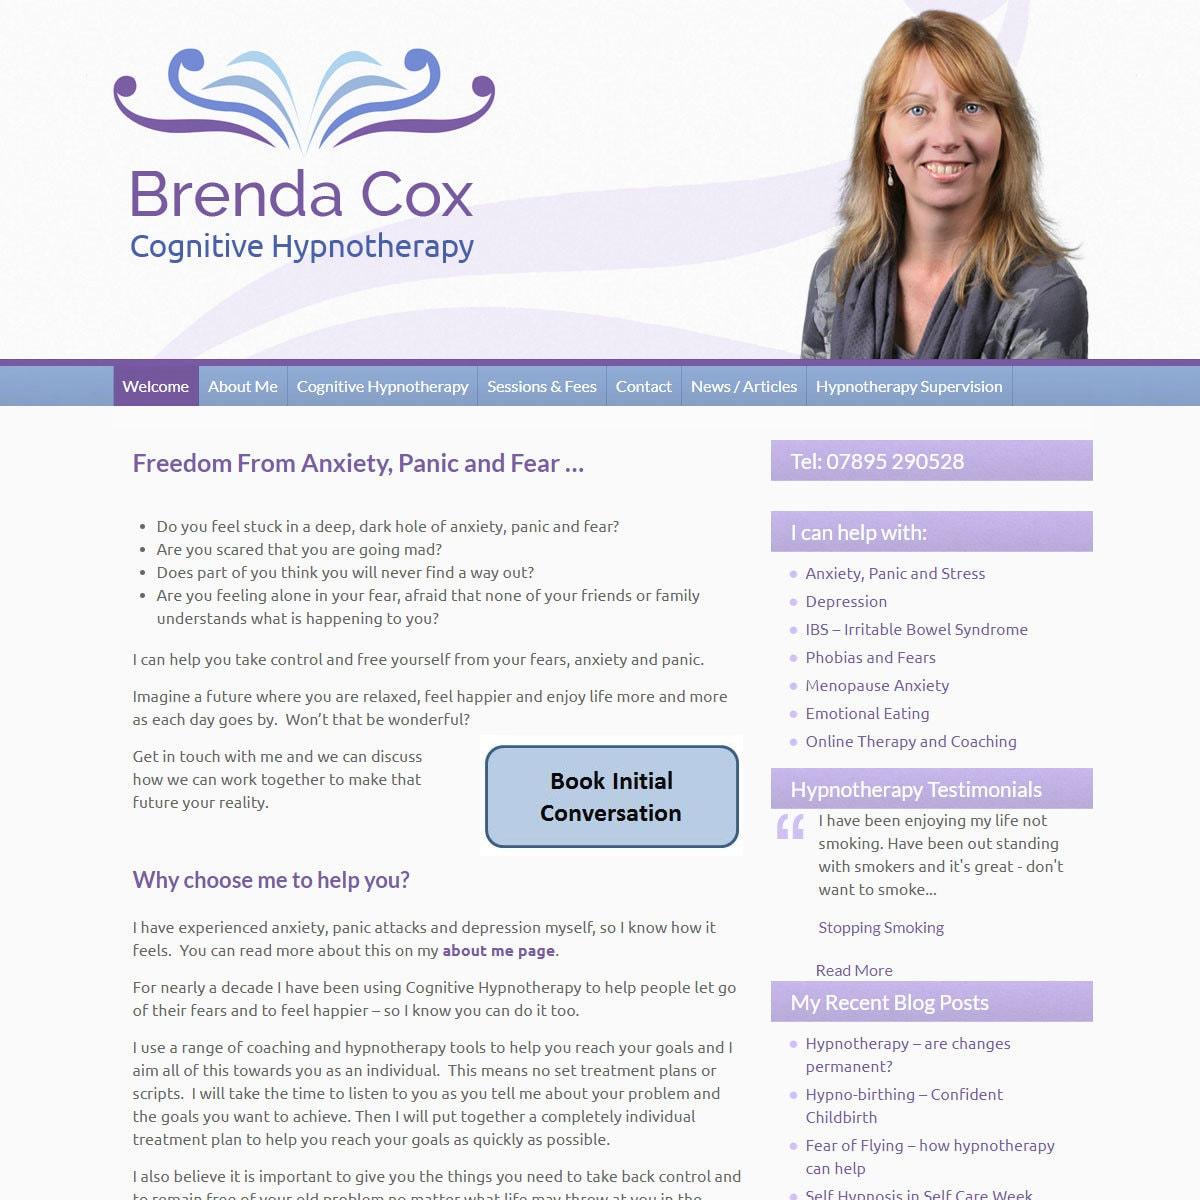 brendacox